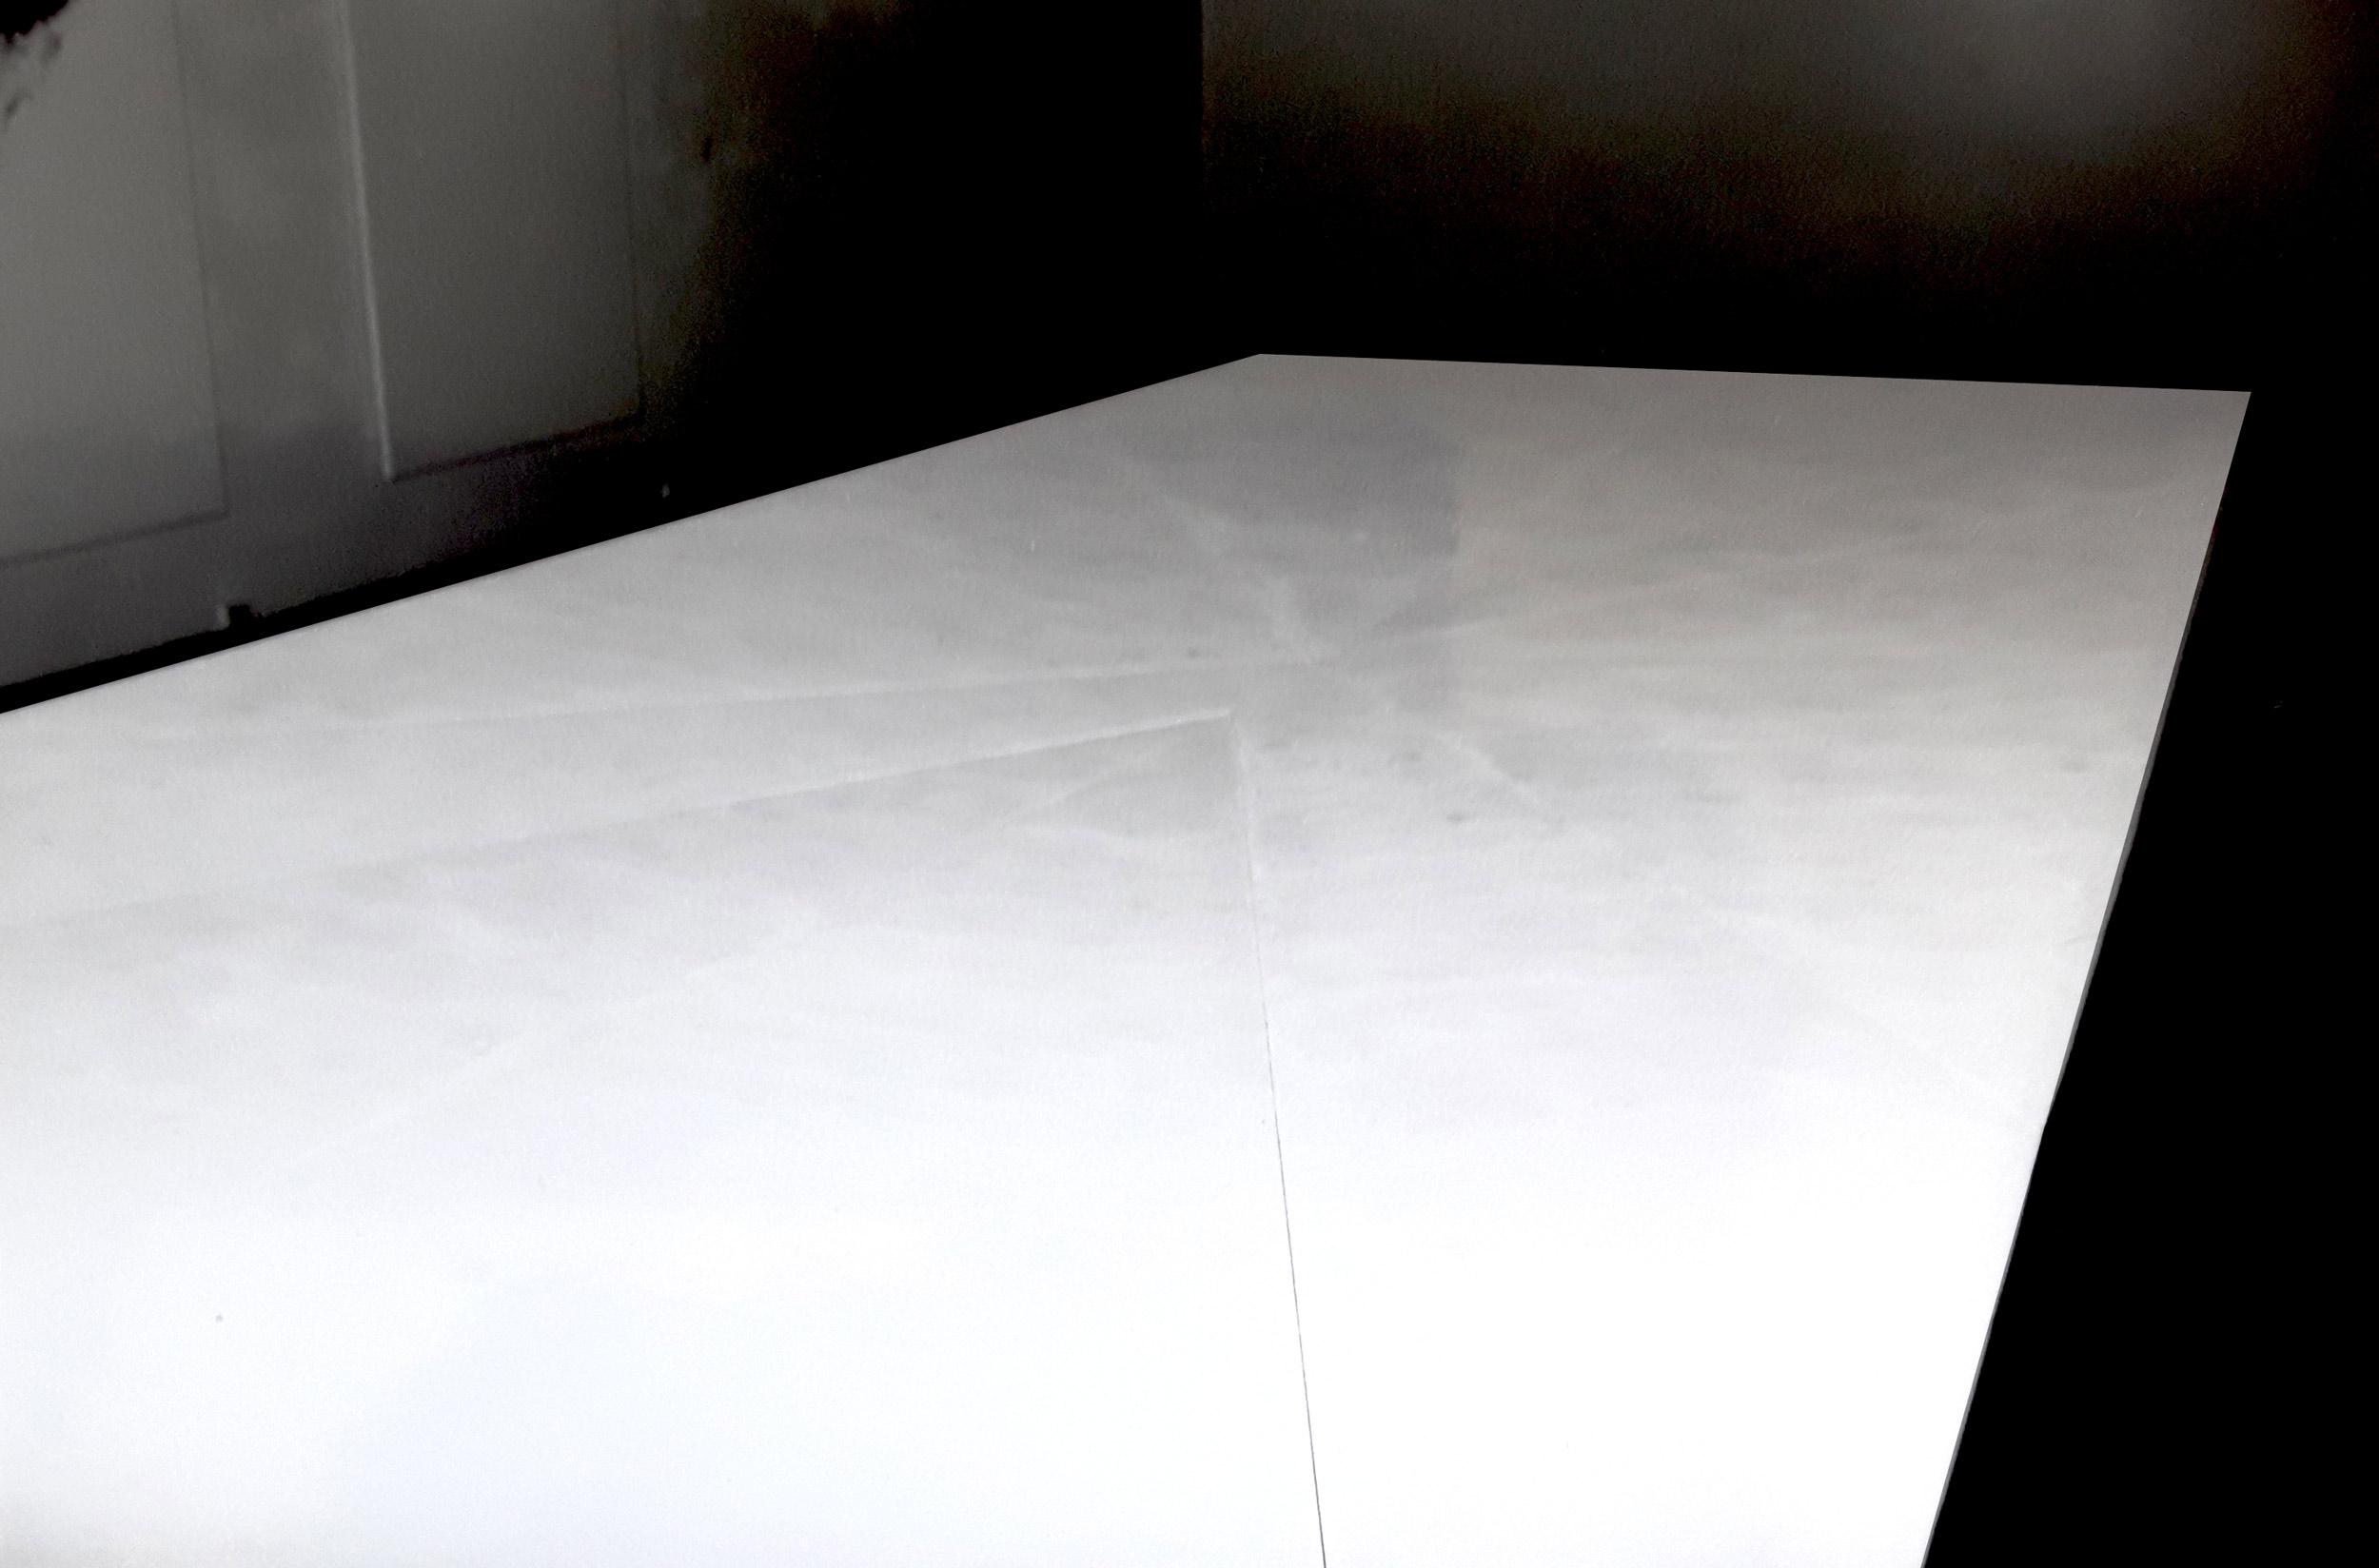 Herwig Steiner (1956L), Stage, Bodenobjekt, Holz, weiß, 10 teilig, ca. 9x4x0,40m, Fészek Galeria, Budapest, 1990